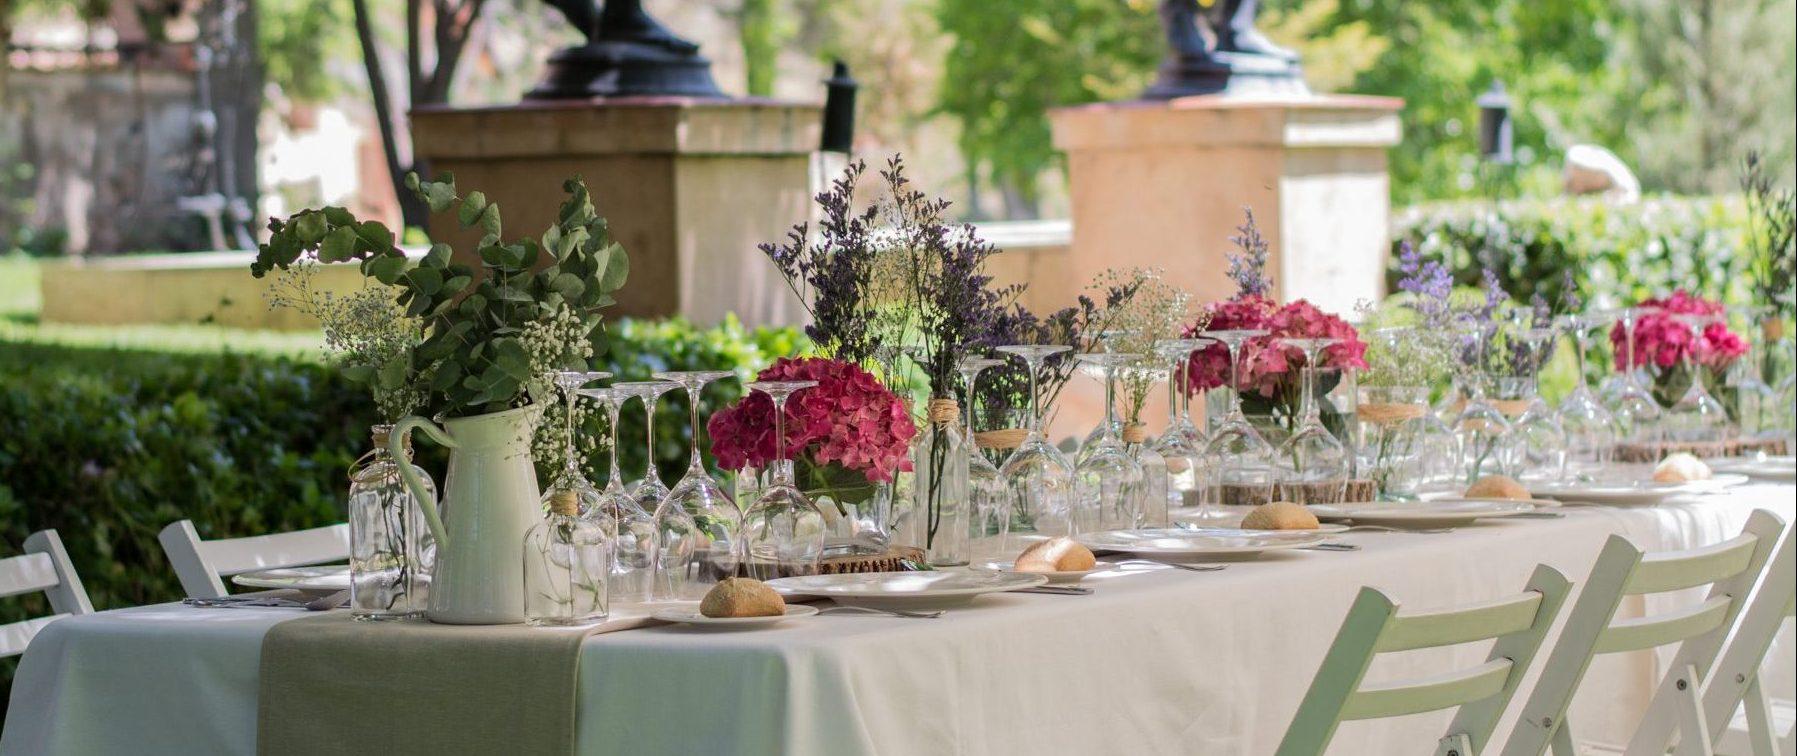 mara catering almuerzo madrid evento corporativo organziación boda mesa servicio de catering